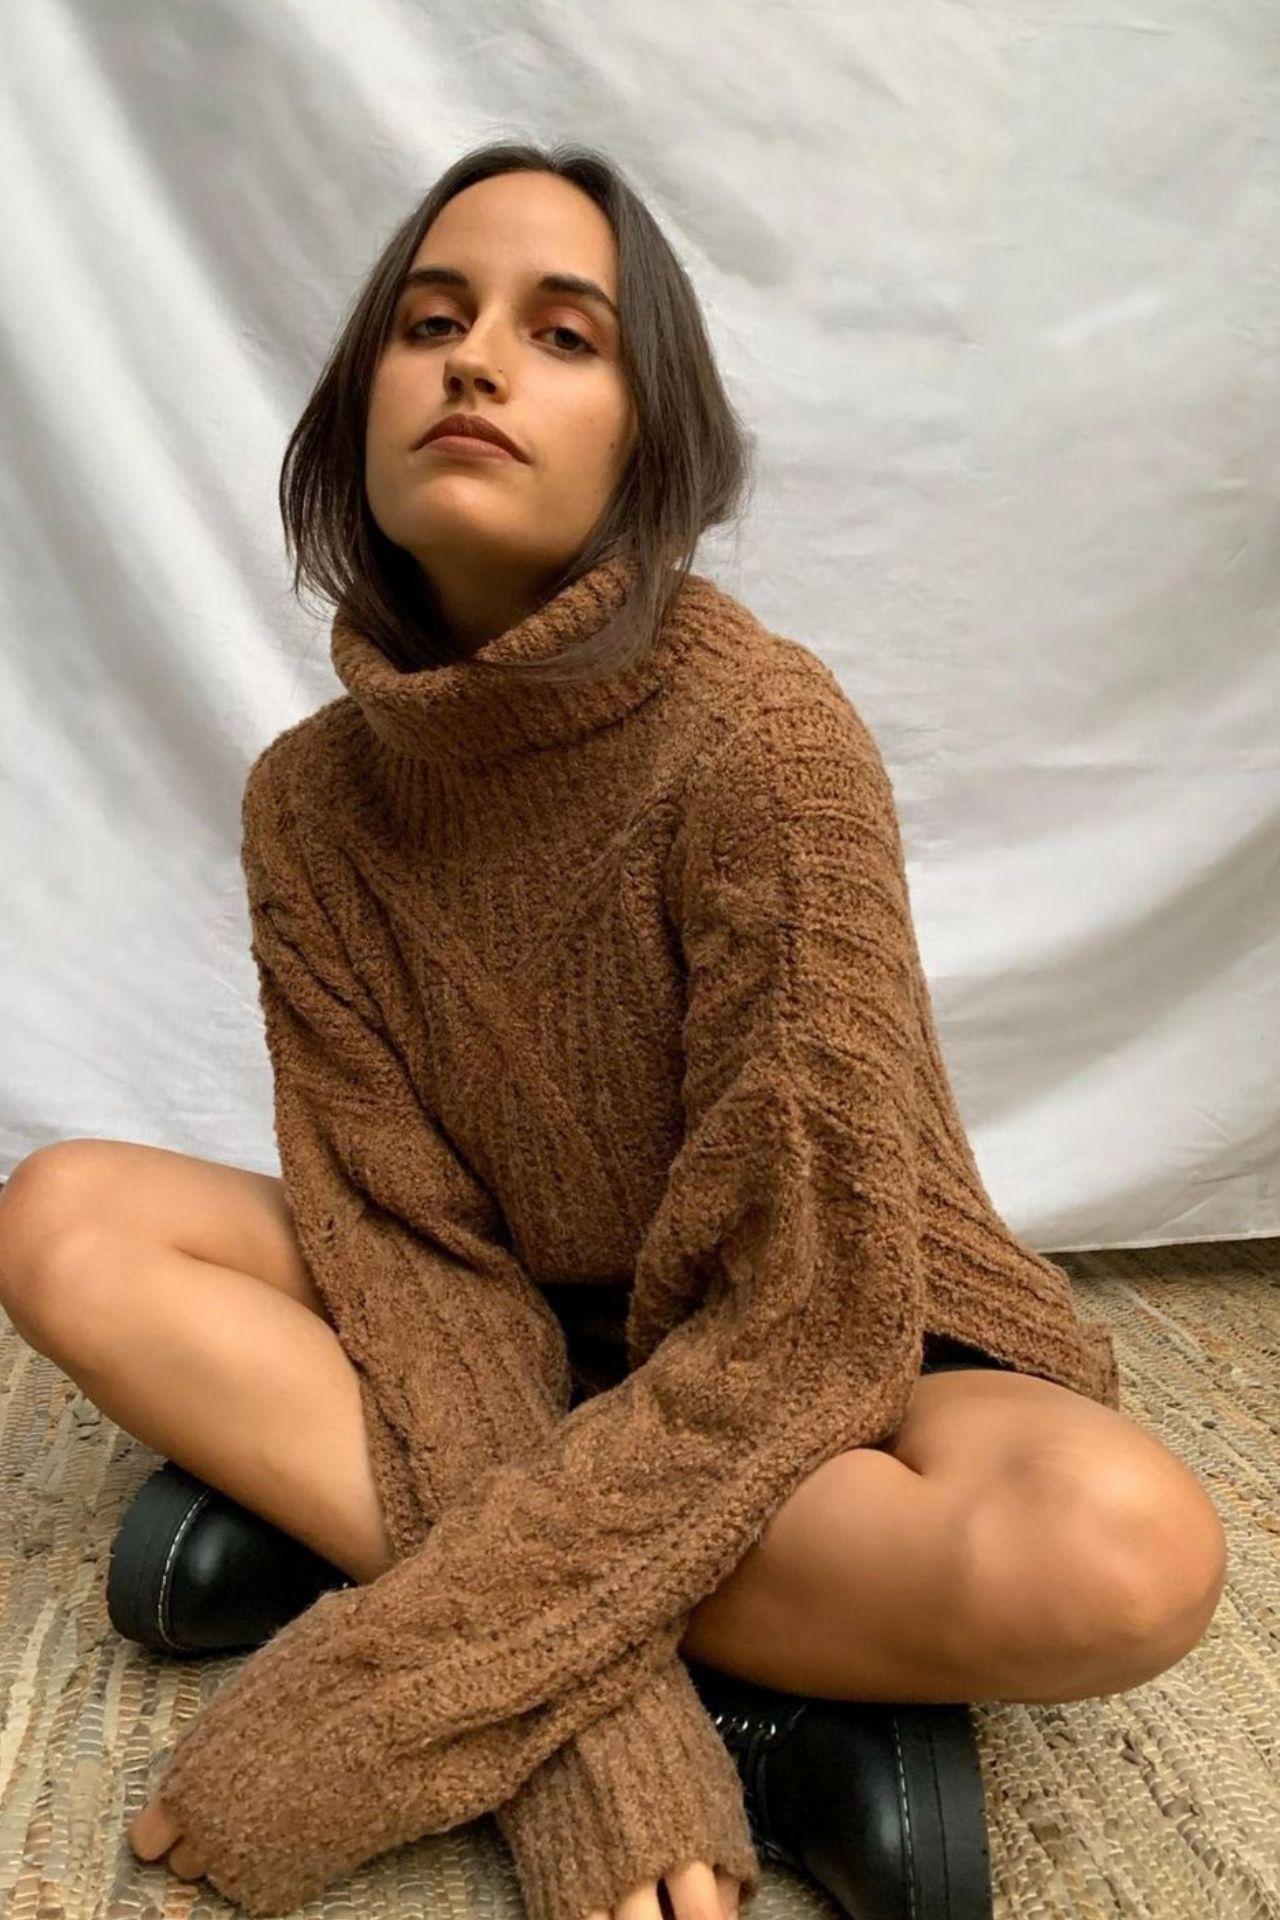 Chompa de cuello alto Oversize tejidaen lana sintética.  Es una chompa gruesita, abrigadora y queda holgada.  Es muy cómoda y no pica.  Talla standard.  Medidas:  Largo: 68 cms  Ancho: 120 cms  Largo de la manga (hombro a la muñeca): 70 cms